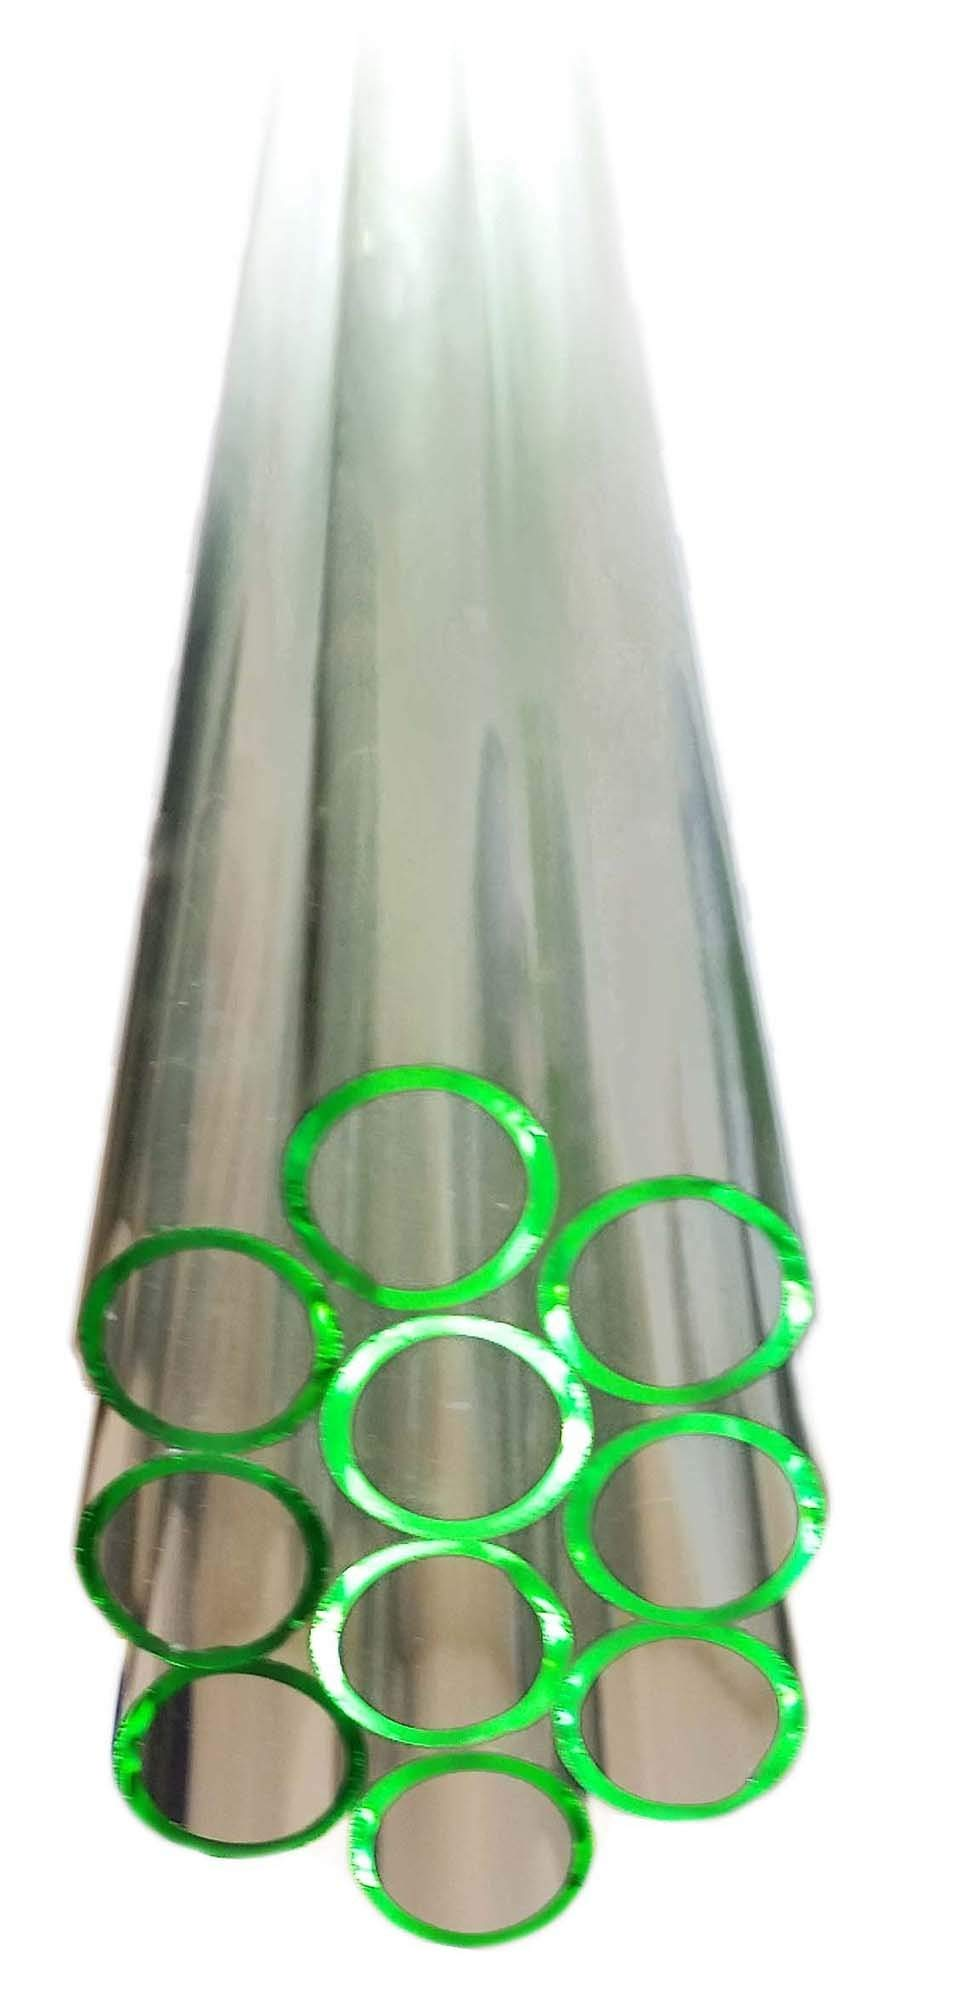 GSC International 14MMSLT-48 Flint Glass Tubing, 14mm Diameter, 48'' Long (5-Pound Pack)